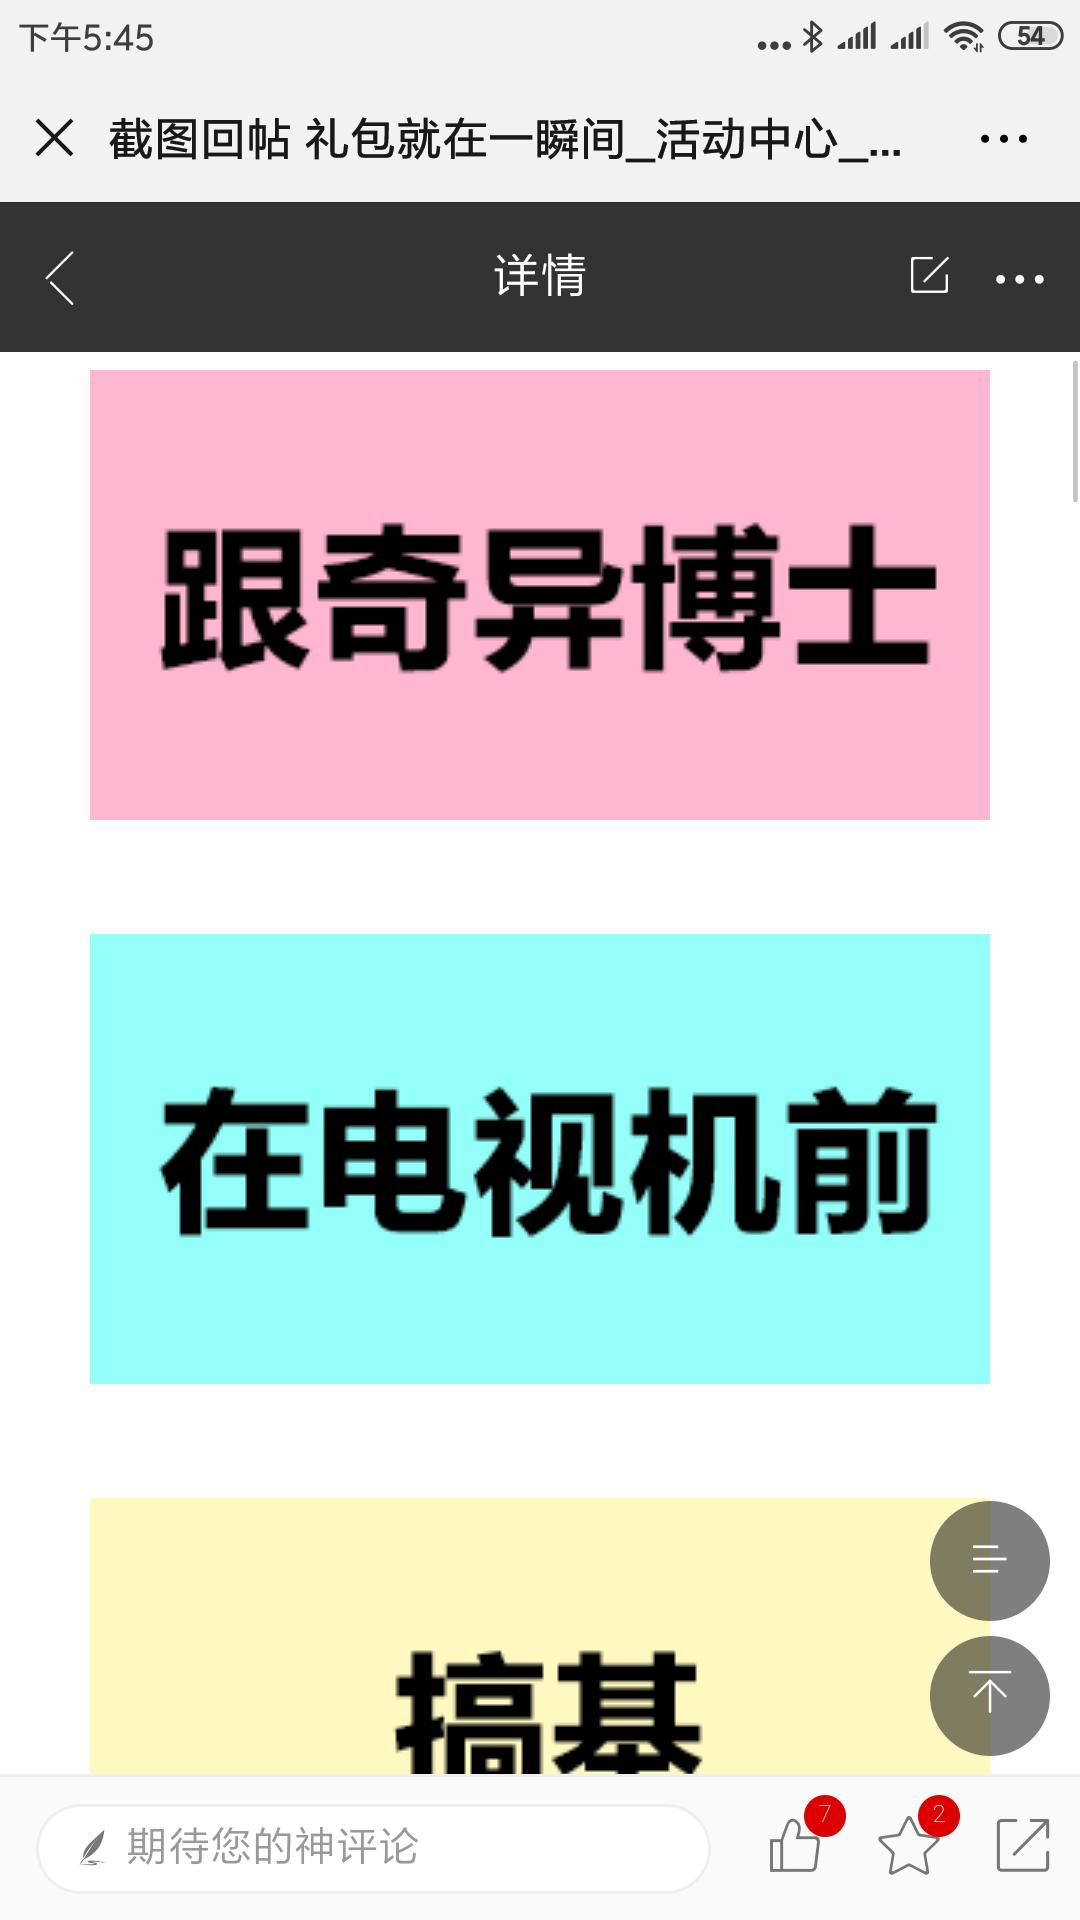 Screenshot_2019-07-25-17-45-24-306_com.tencent.mm.png